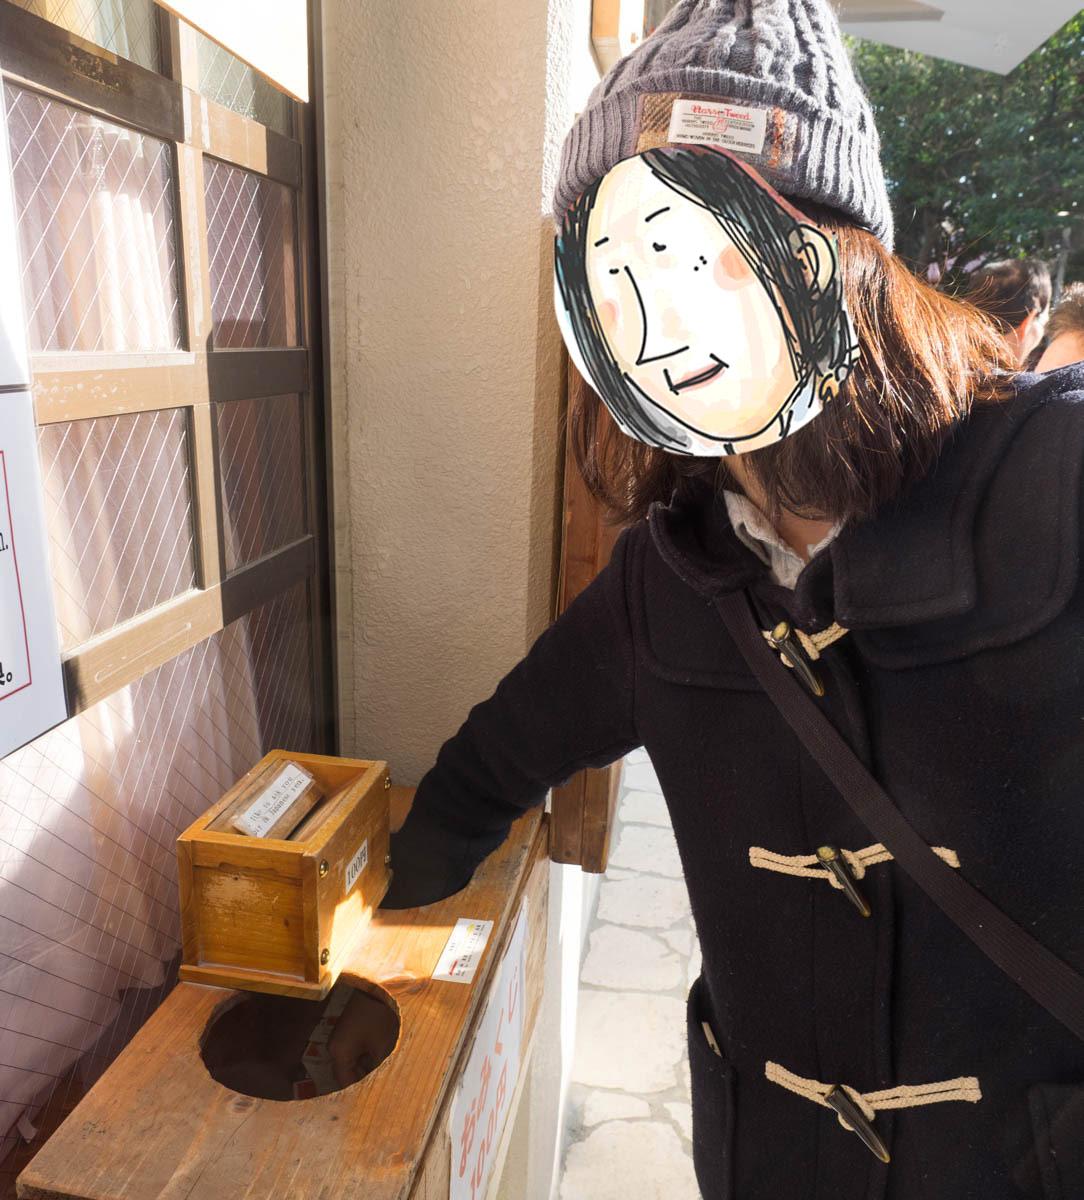 ピノ子初詣でおみくじ